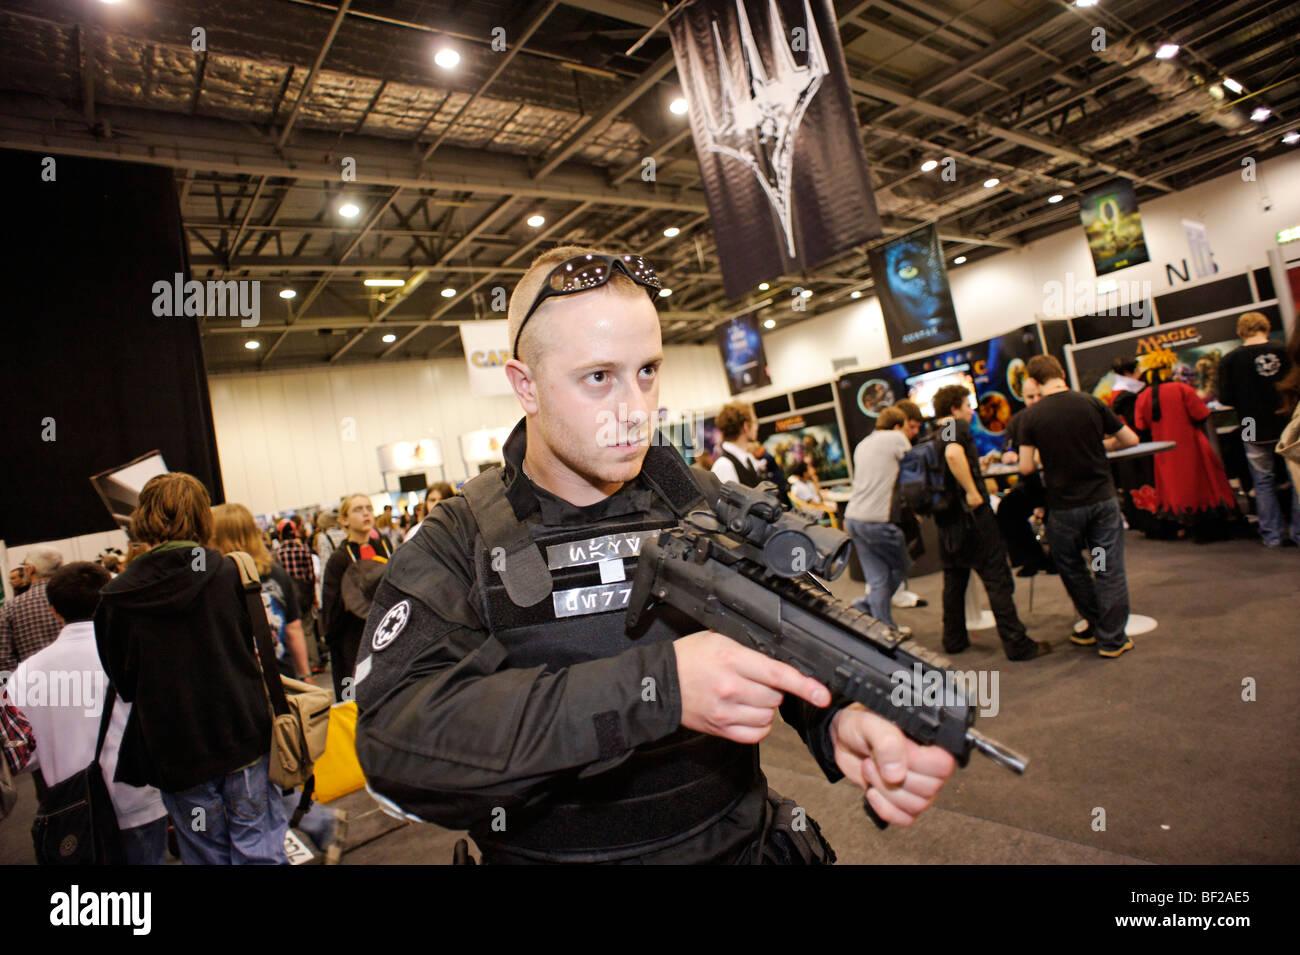 Lüfter mit gefälschten Gewehr als Charakter patrouillieren auf der London MCM Expo-Kostüm gekleidet. Stockbild